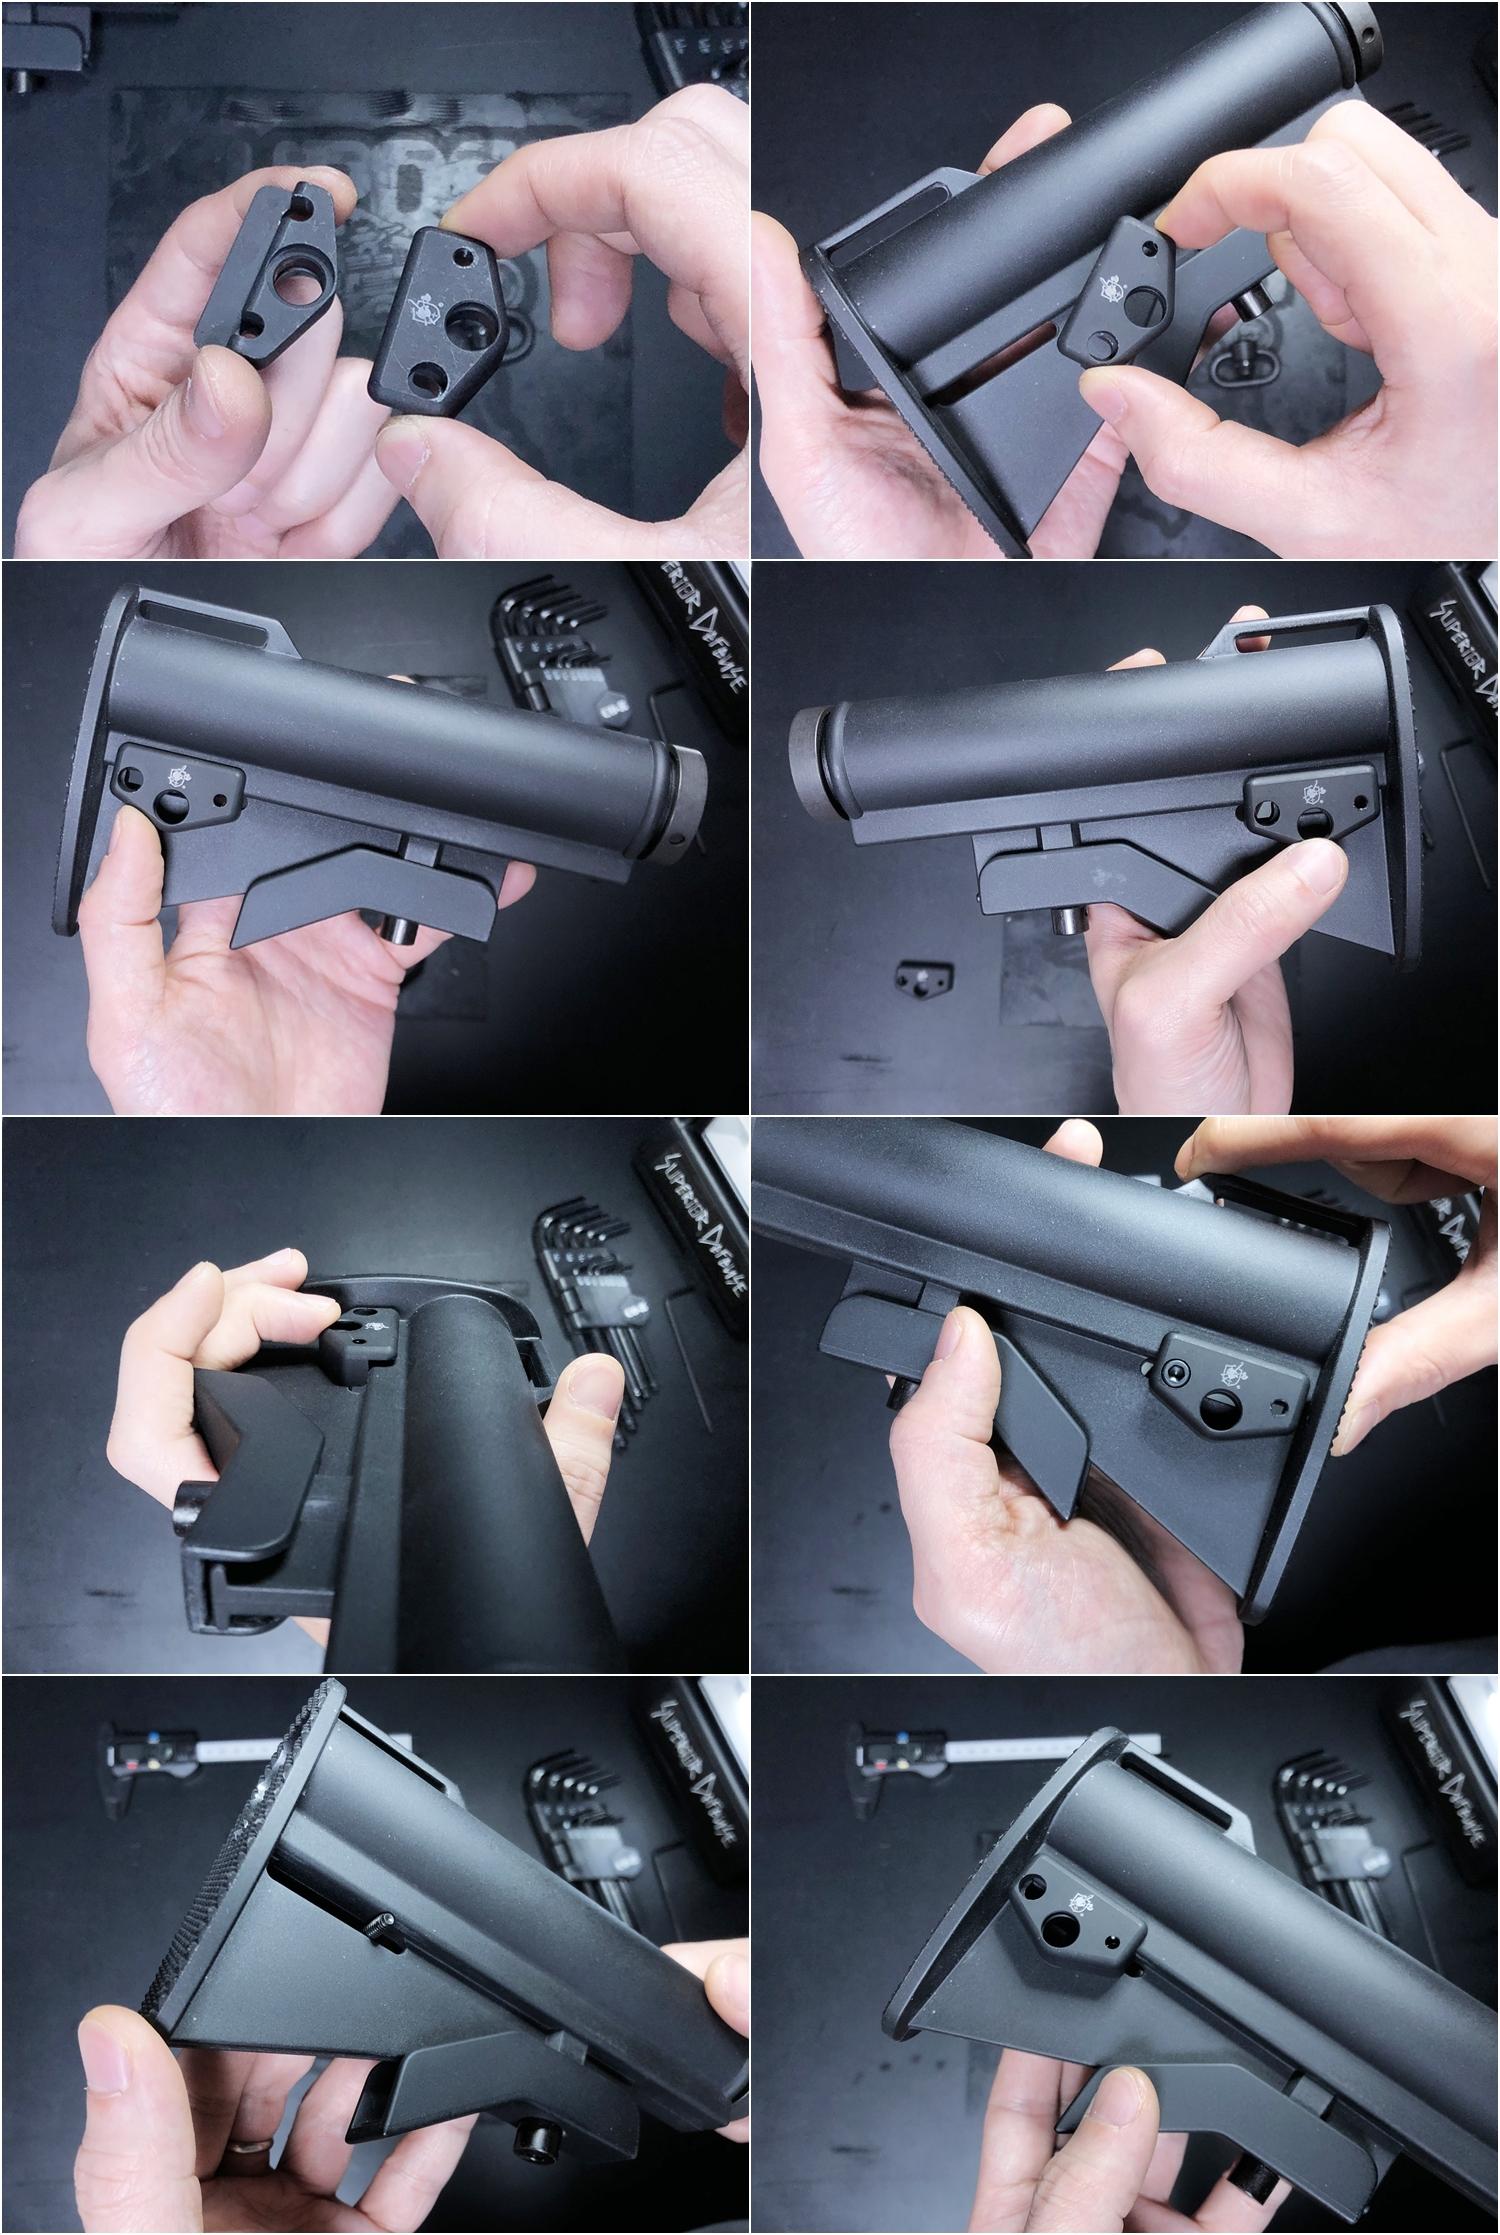 8 実物 Knight's Armament M4 Carbine Buttstock QD 0-1 Sling Mount Kit & JOHN MASEN DELTA PAD & REMAKE M733 COMMANDOS STOCK!! DIY NOVESKE PIG!! KAC ナイツ QD デルタパッド!! 購入 取付 カスタム レビュー!!